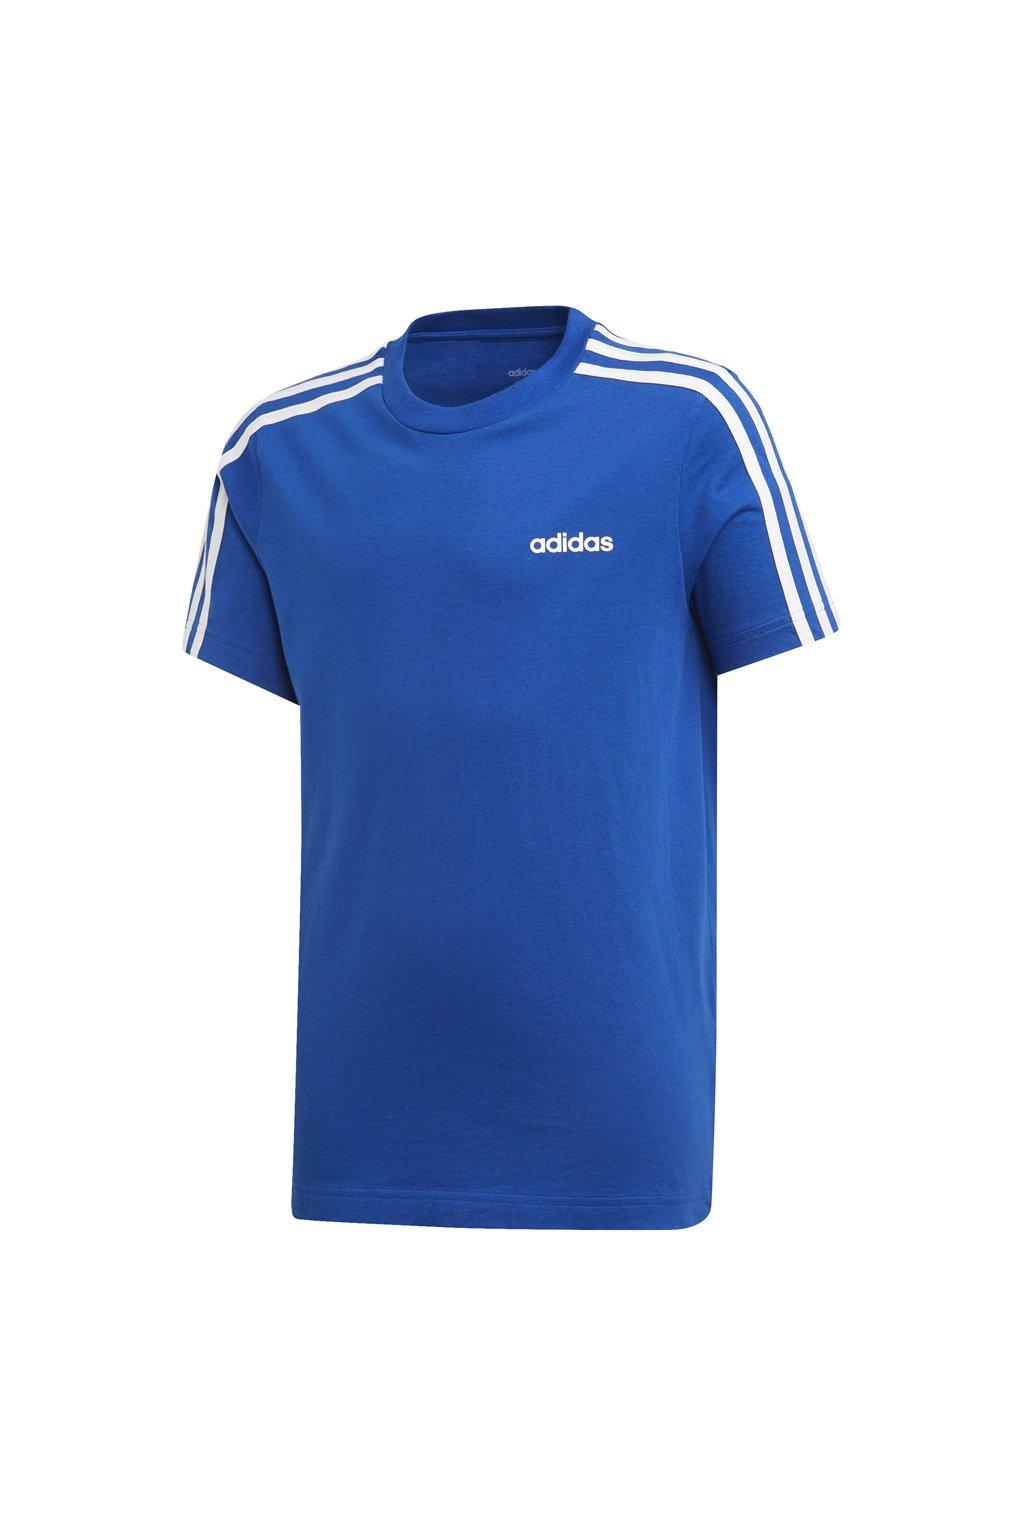 Detské tričko Adidas YB E 3S Tee, modré, EI7984